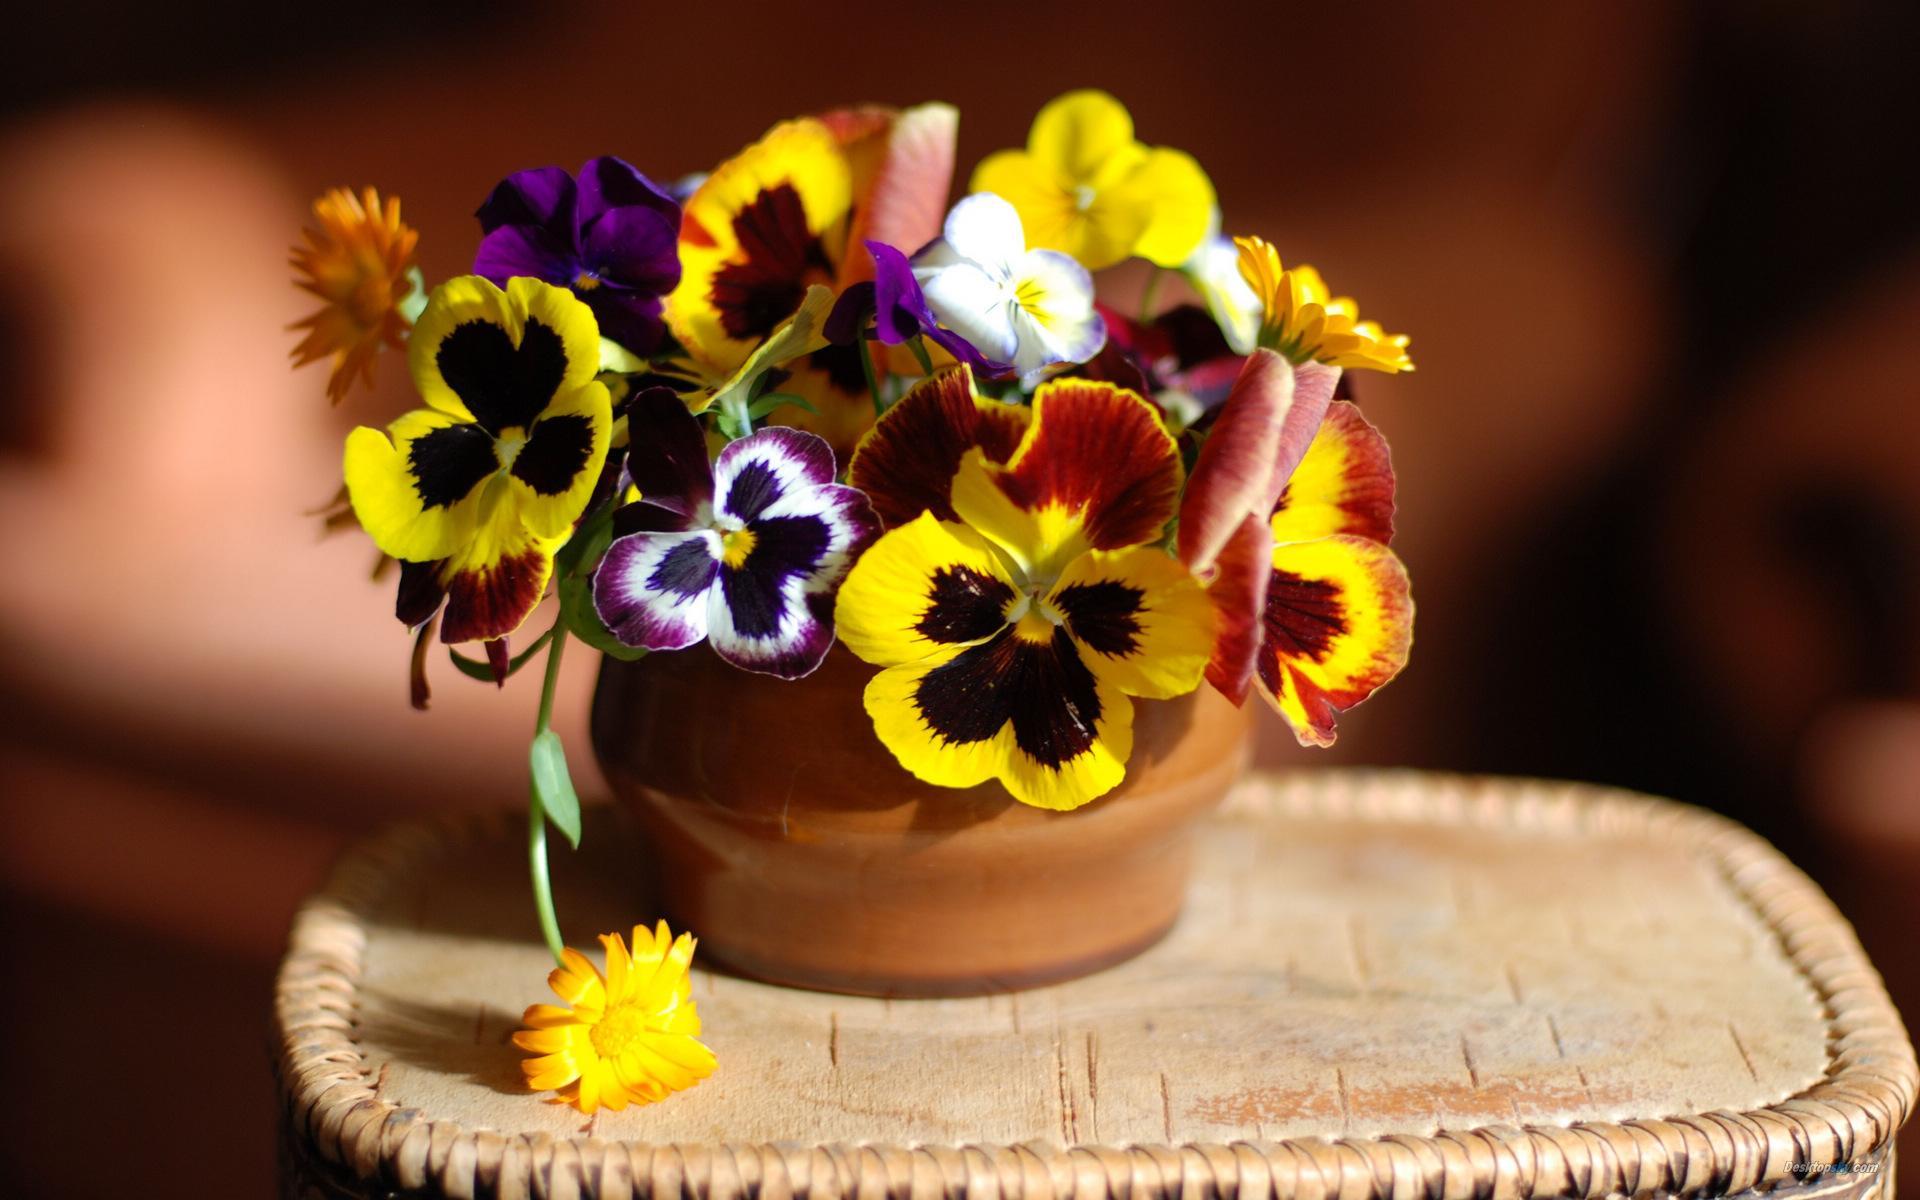 三色堇的花语,三色堇的传说